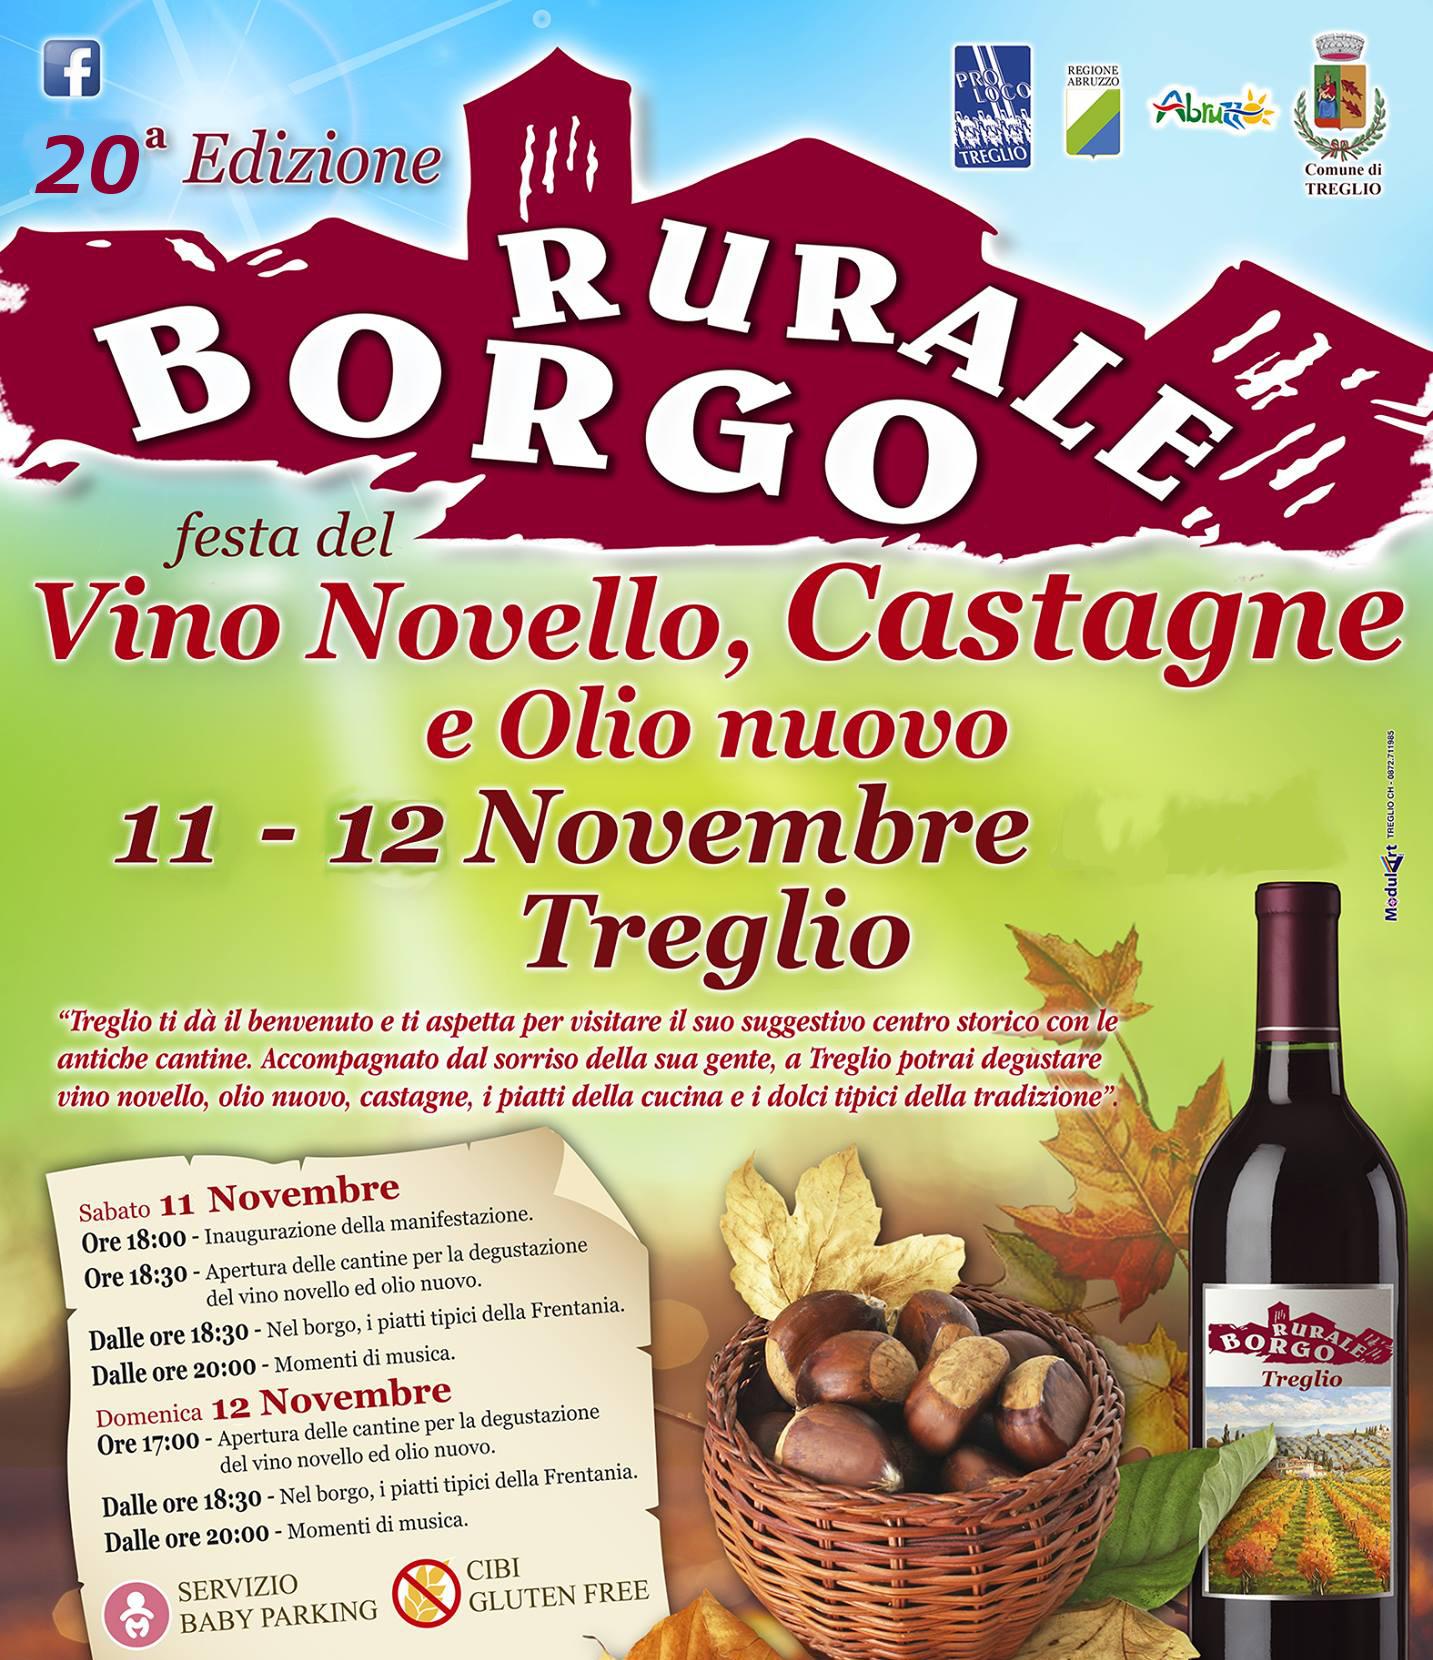 Borgo Rurale 2017